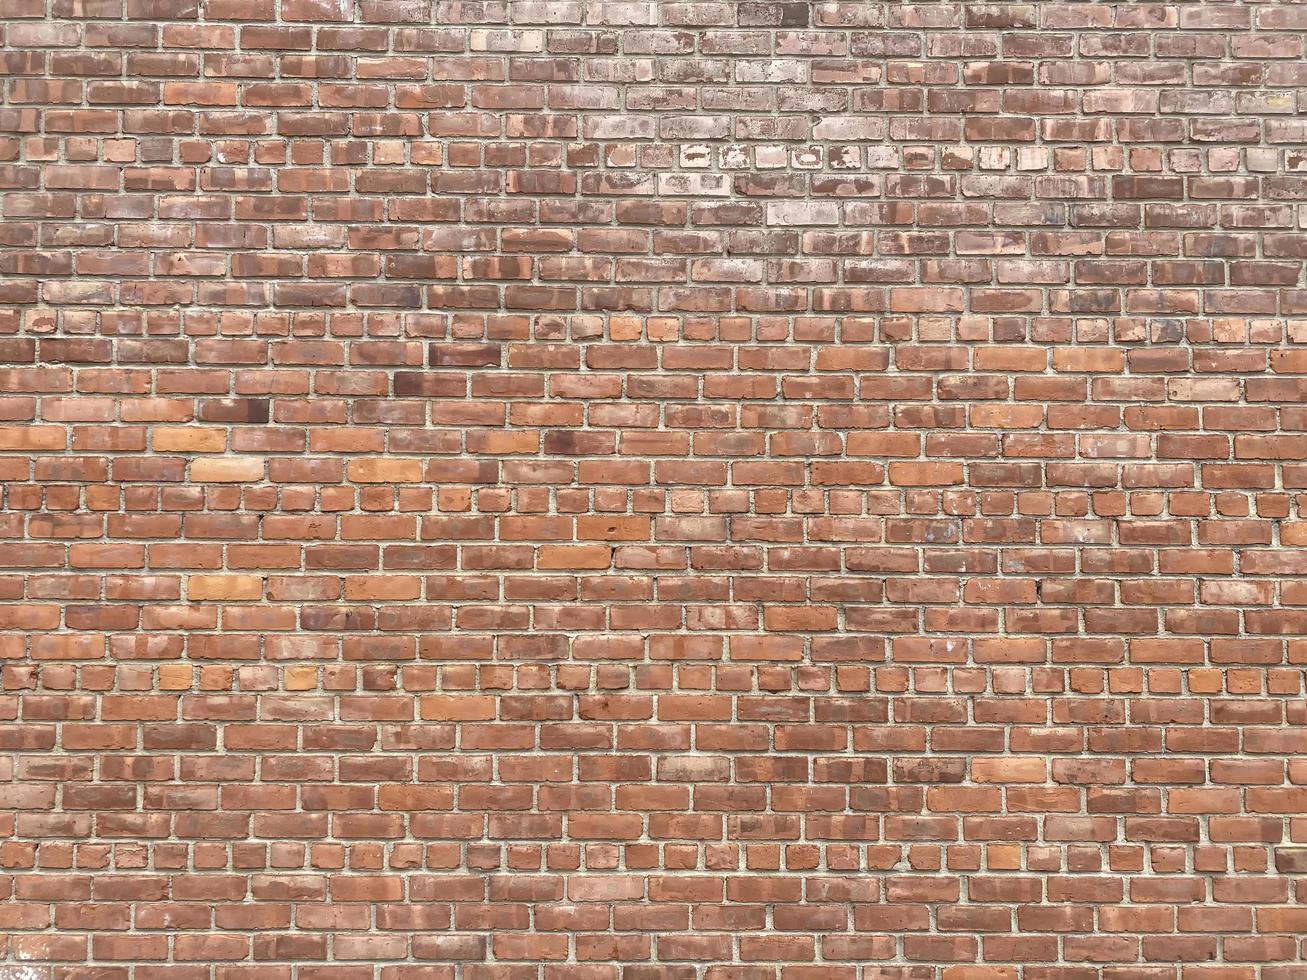 oude muur met bruine bakstenen foto